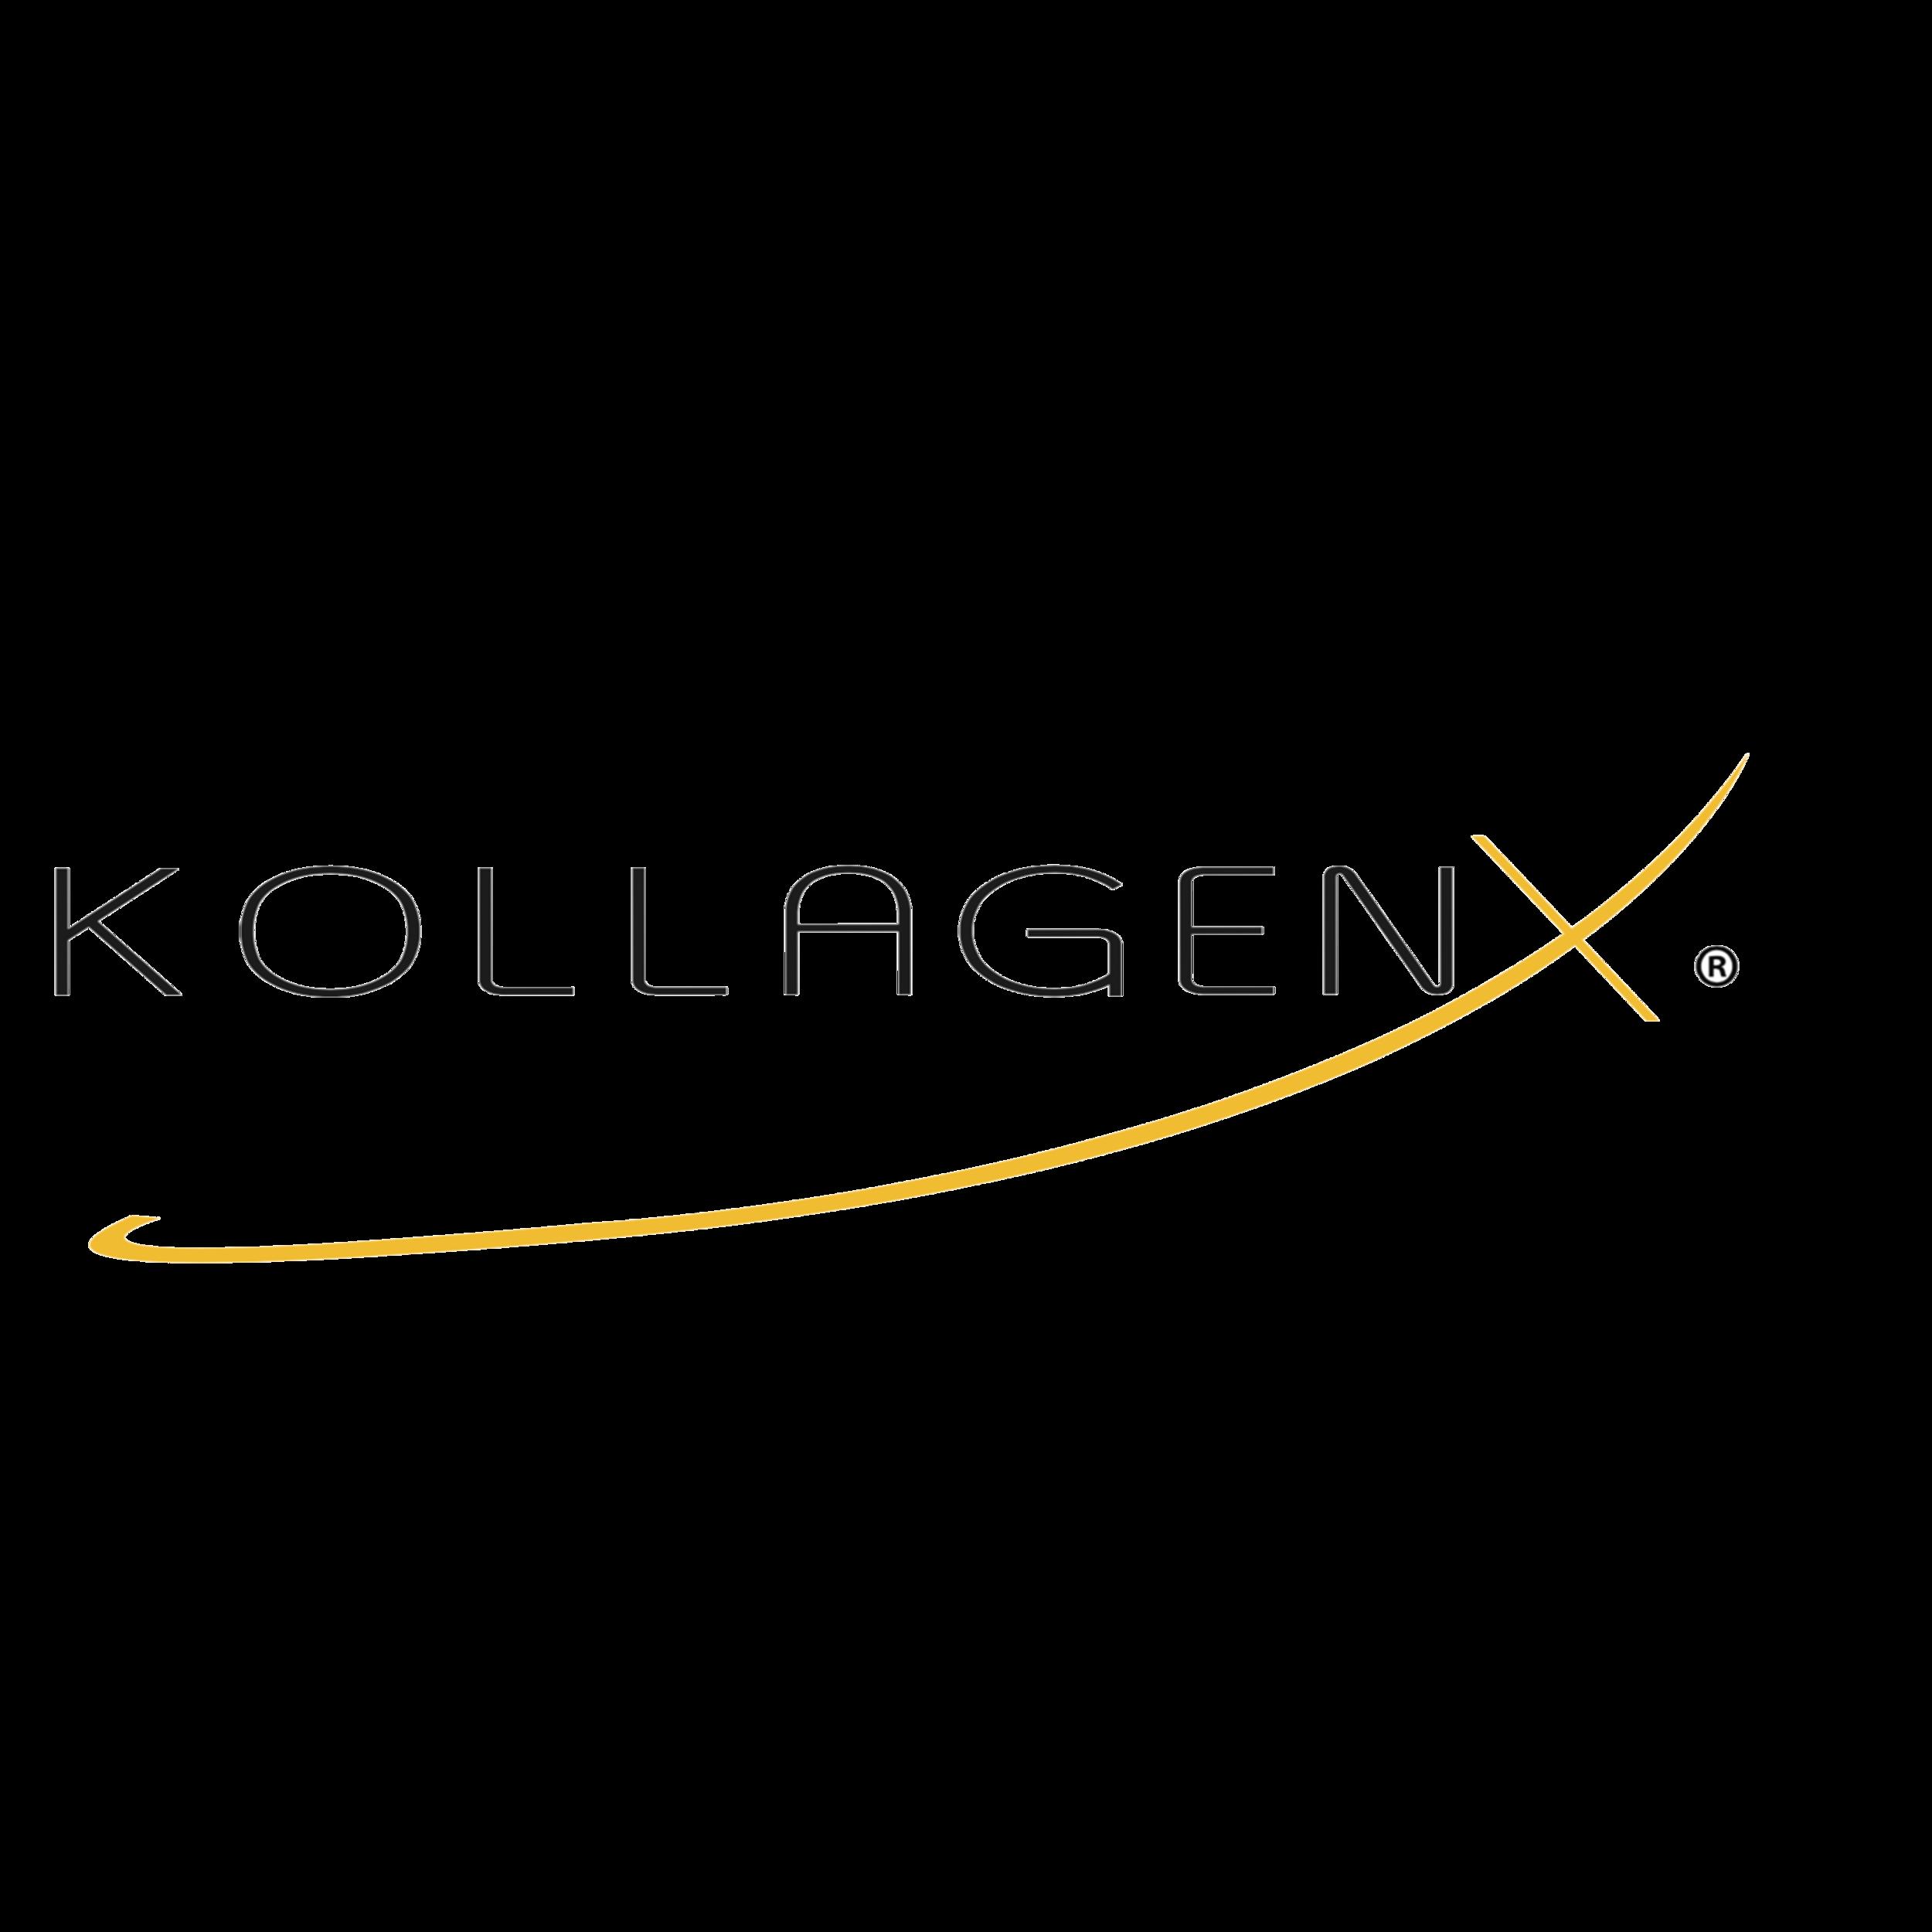 KOLLAGEN.png